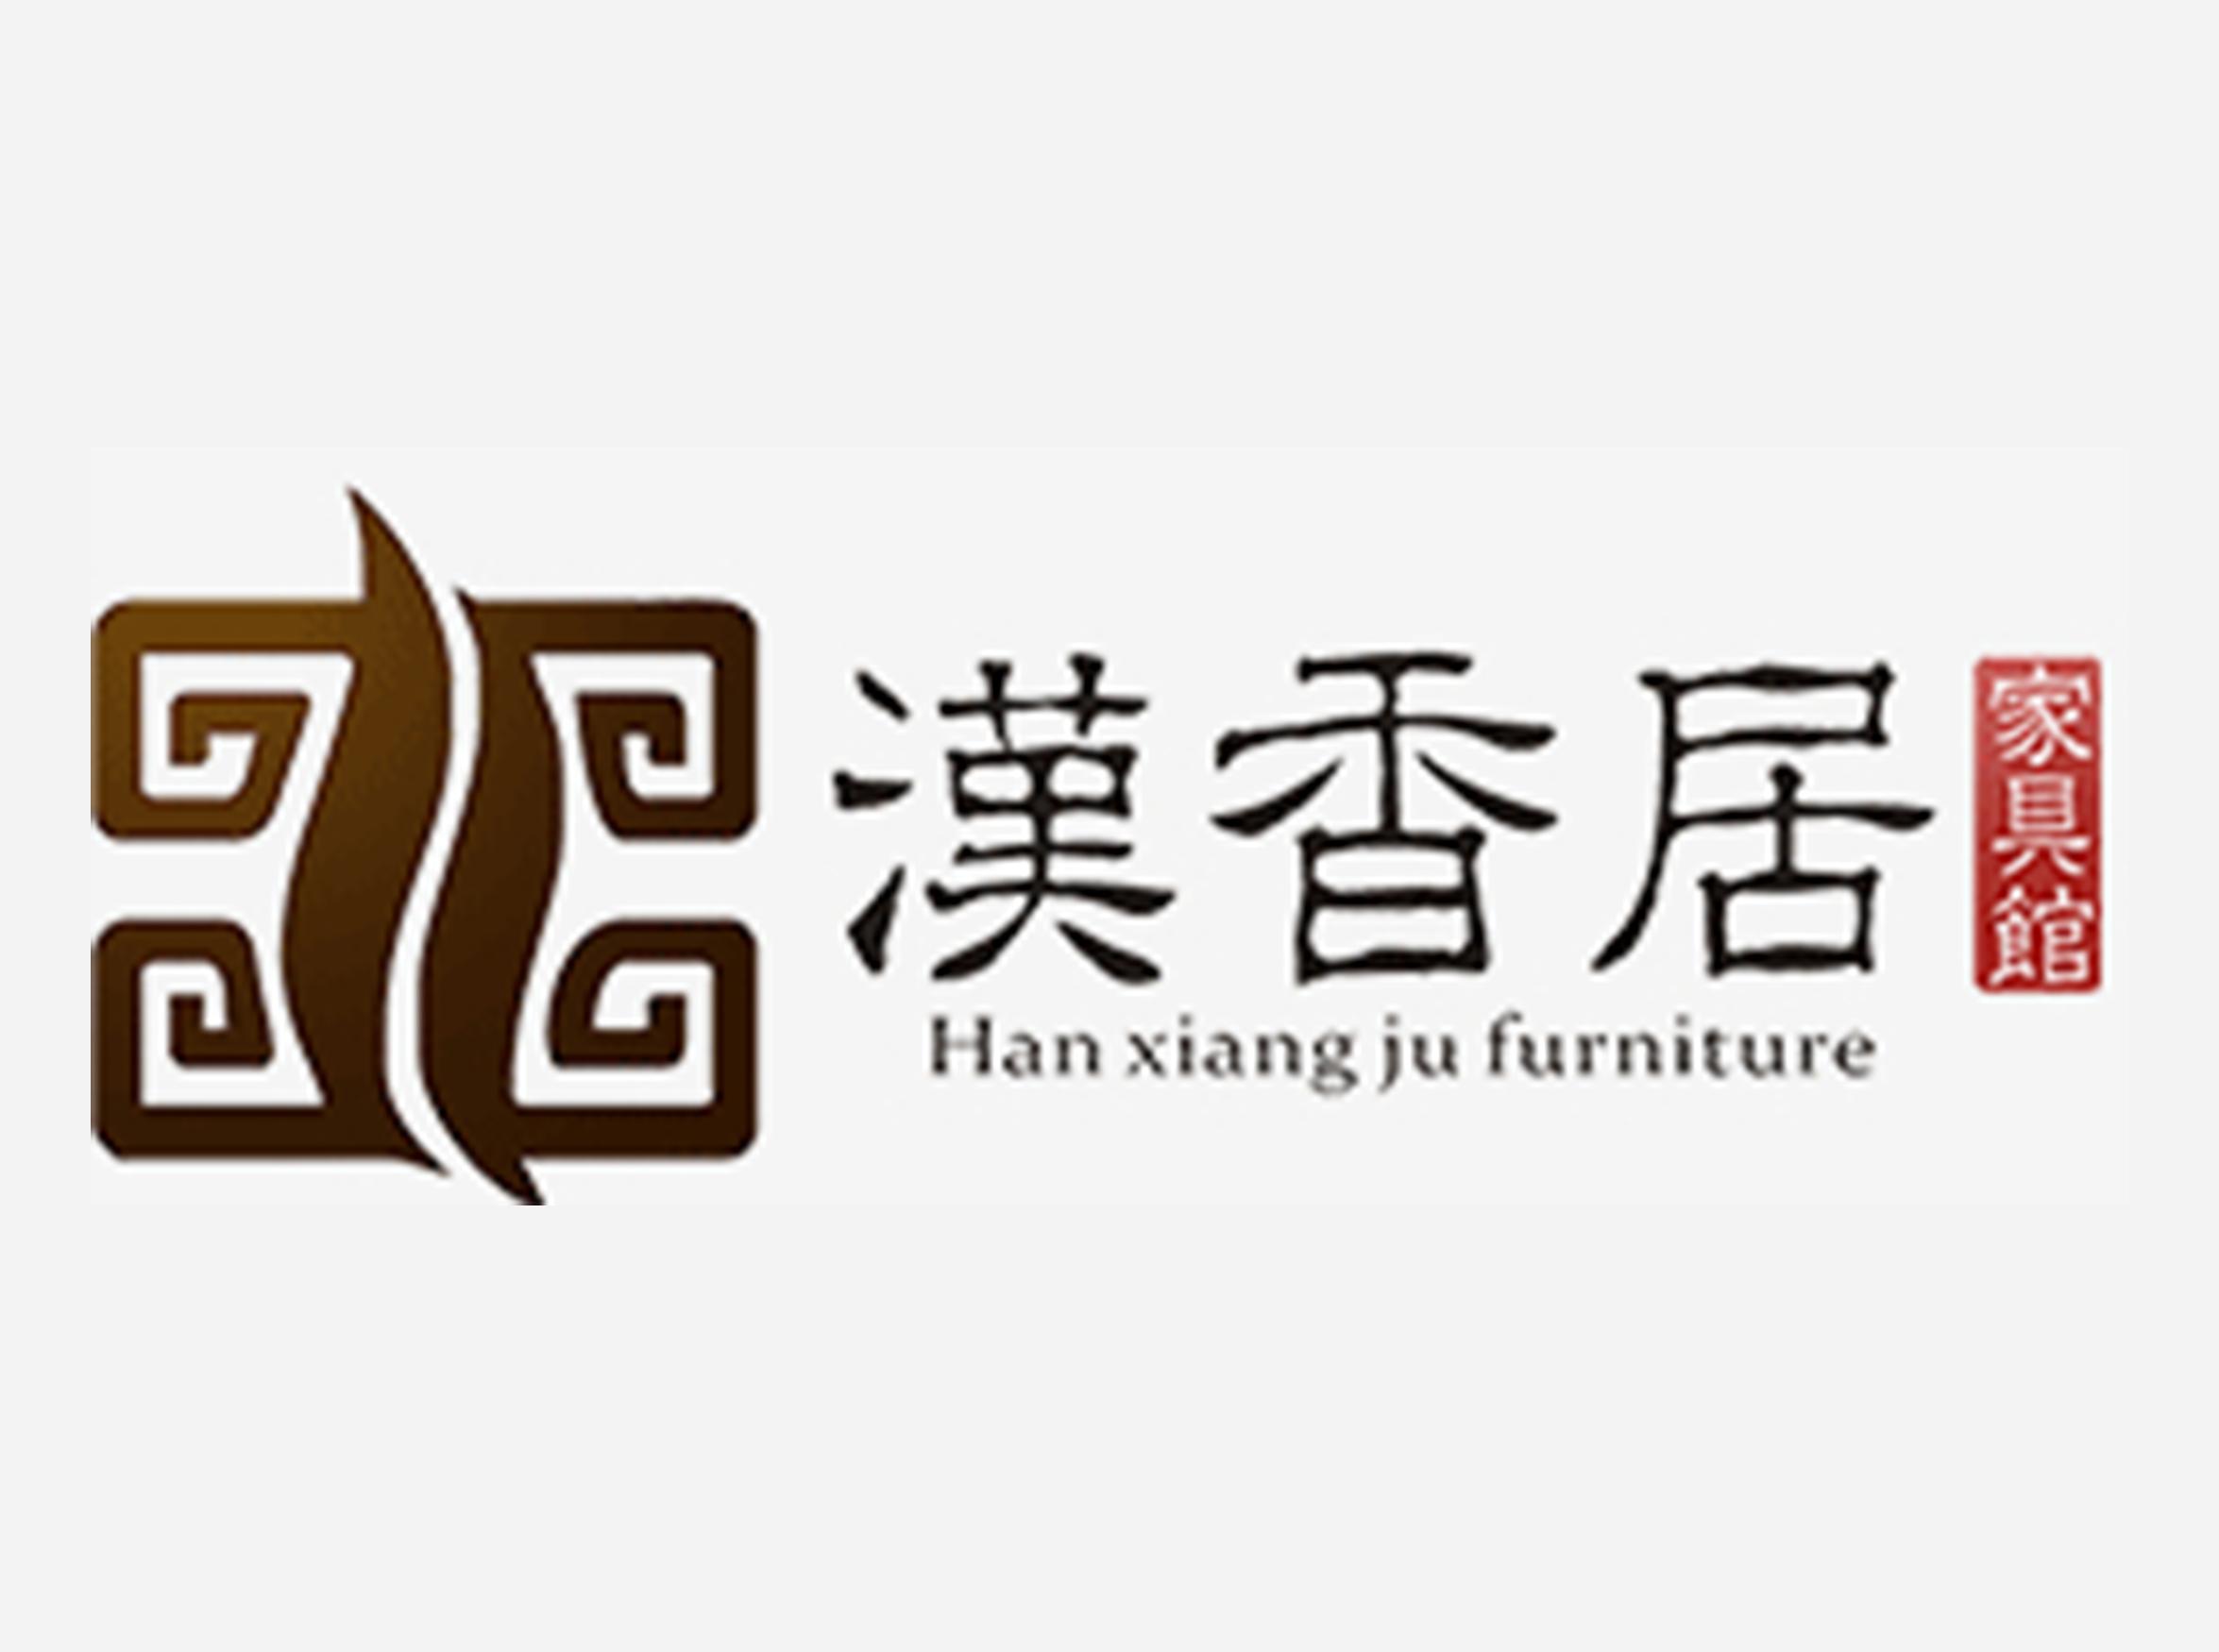 汉香居淘宝网店优发国际app下载网址设计装修(苏州)